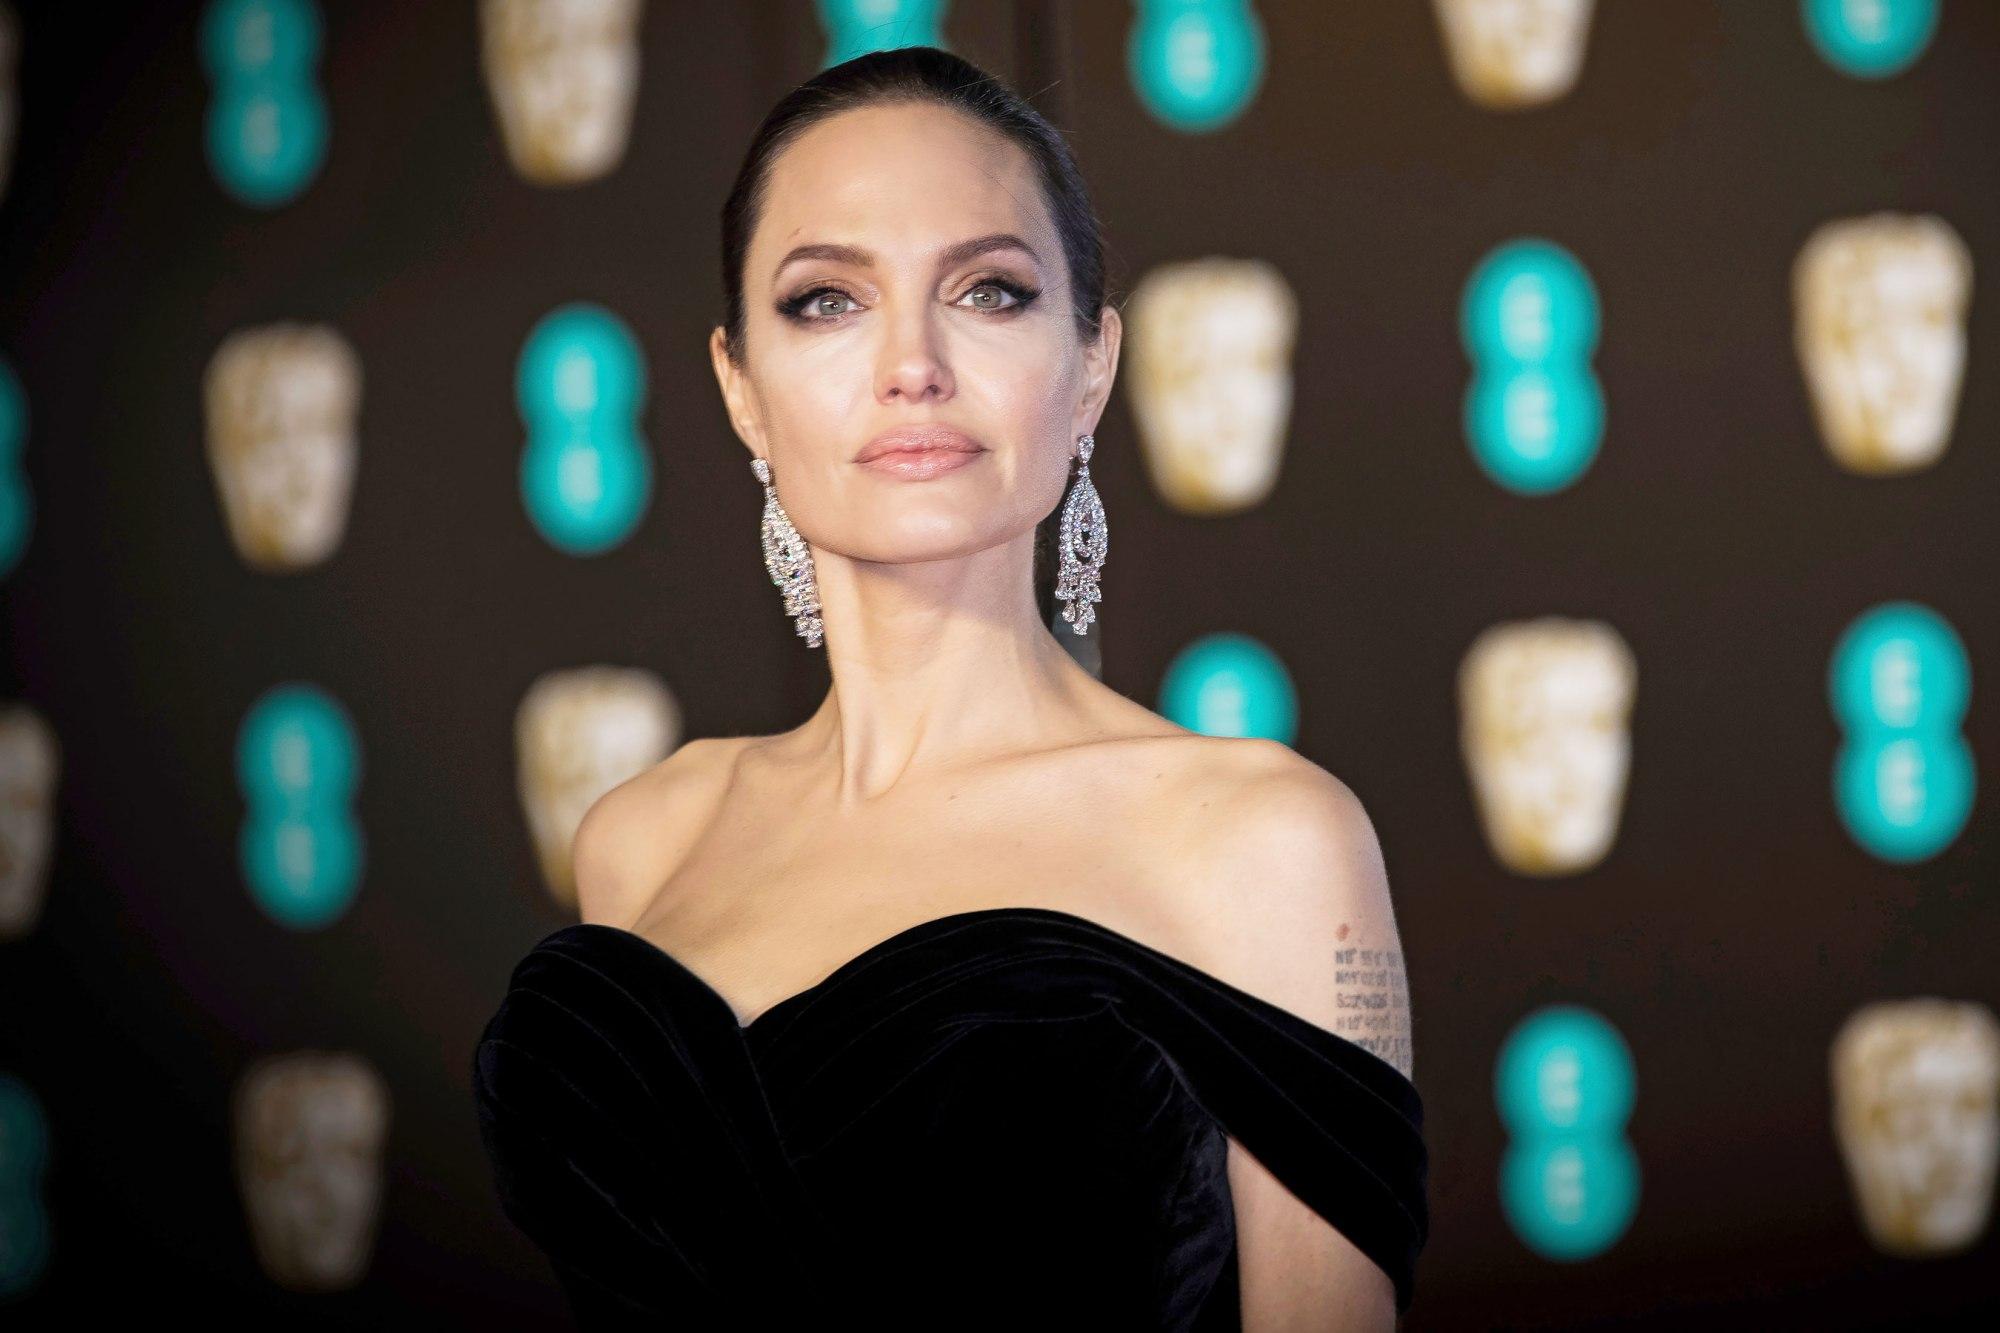 Angelina Jolie negocia unirse a Marvel: ¿En qué película?